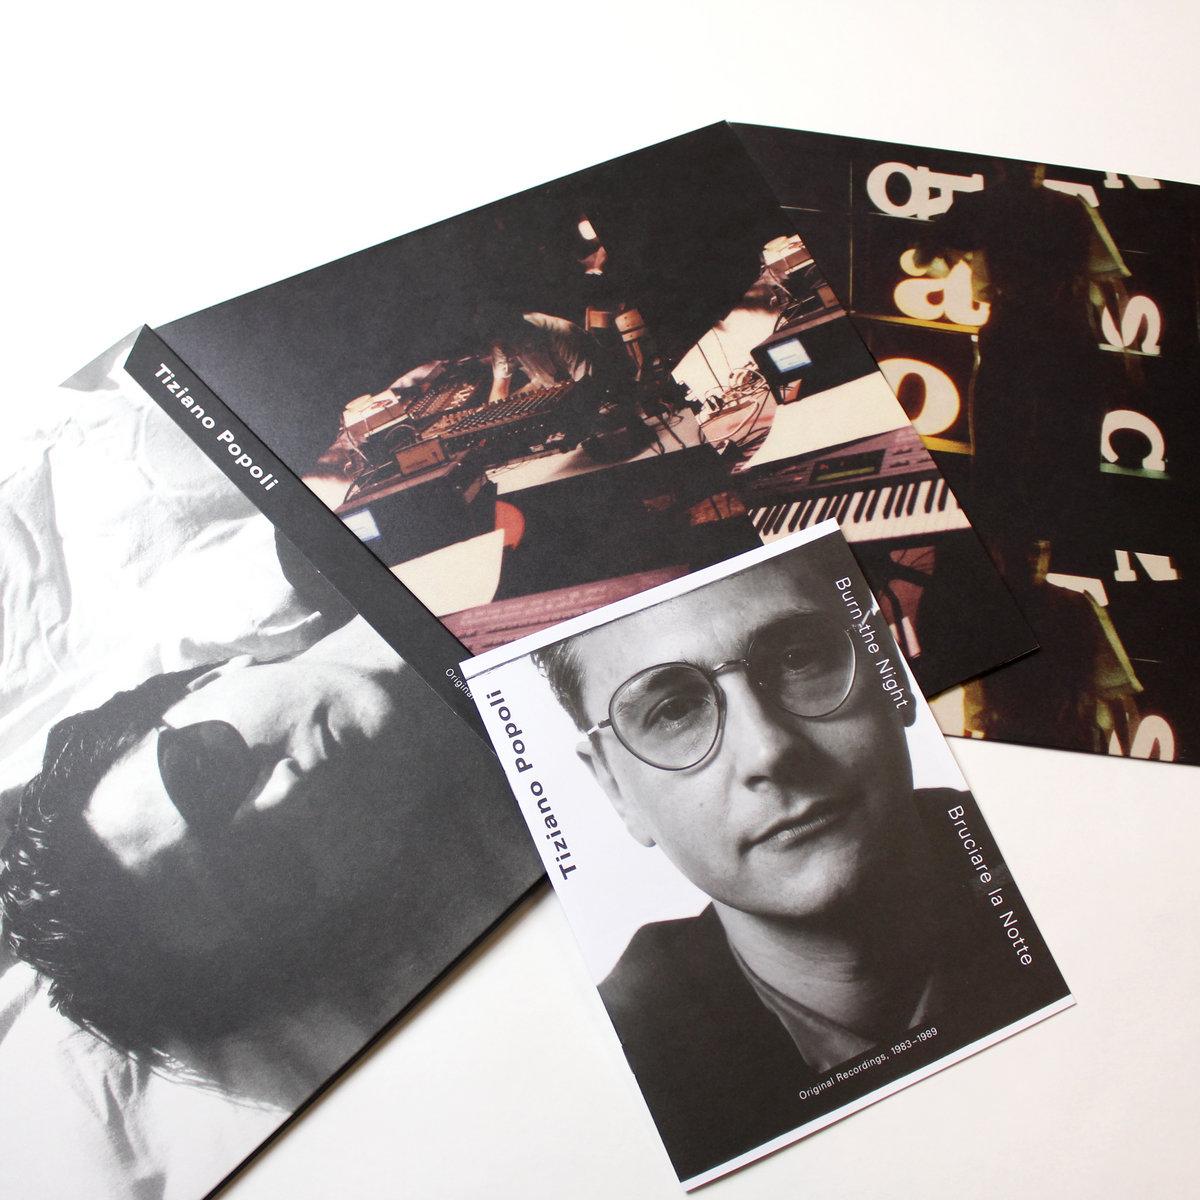 TIZIANO POPOLI - Burn the Night / Bruciare la Notte: Original Recordings, 1983–1989 : 2LP+DOWNLOAD CODE gallery 2